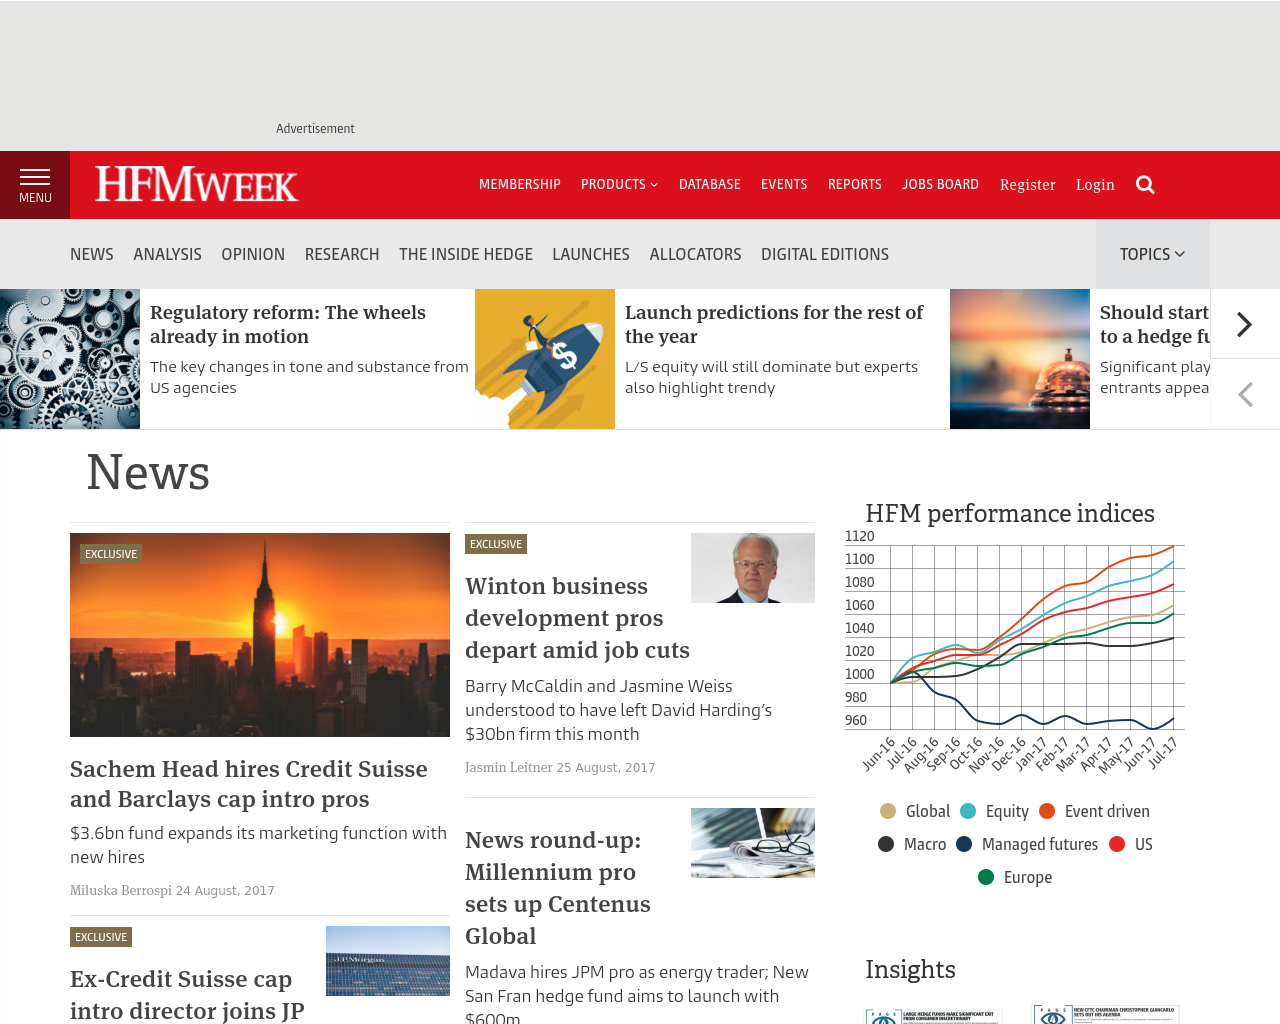 HFMWeek-Advertising-Reviews-Pricing